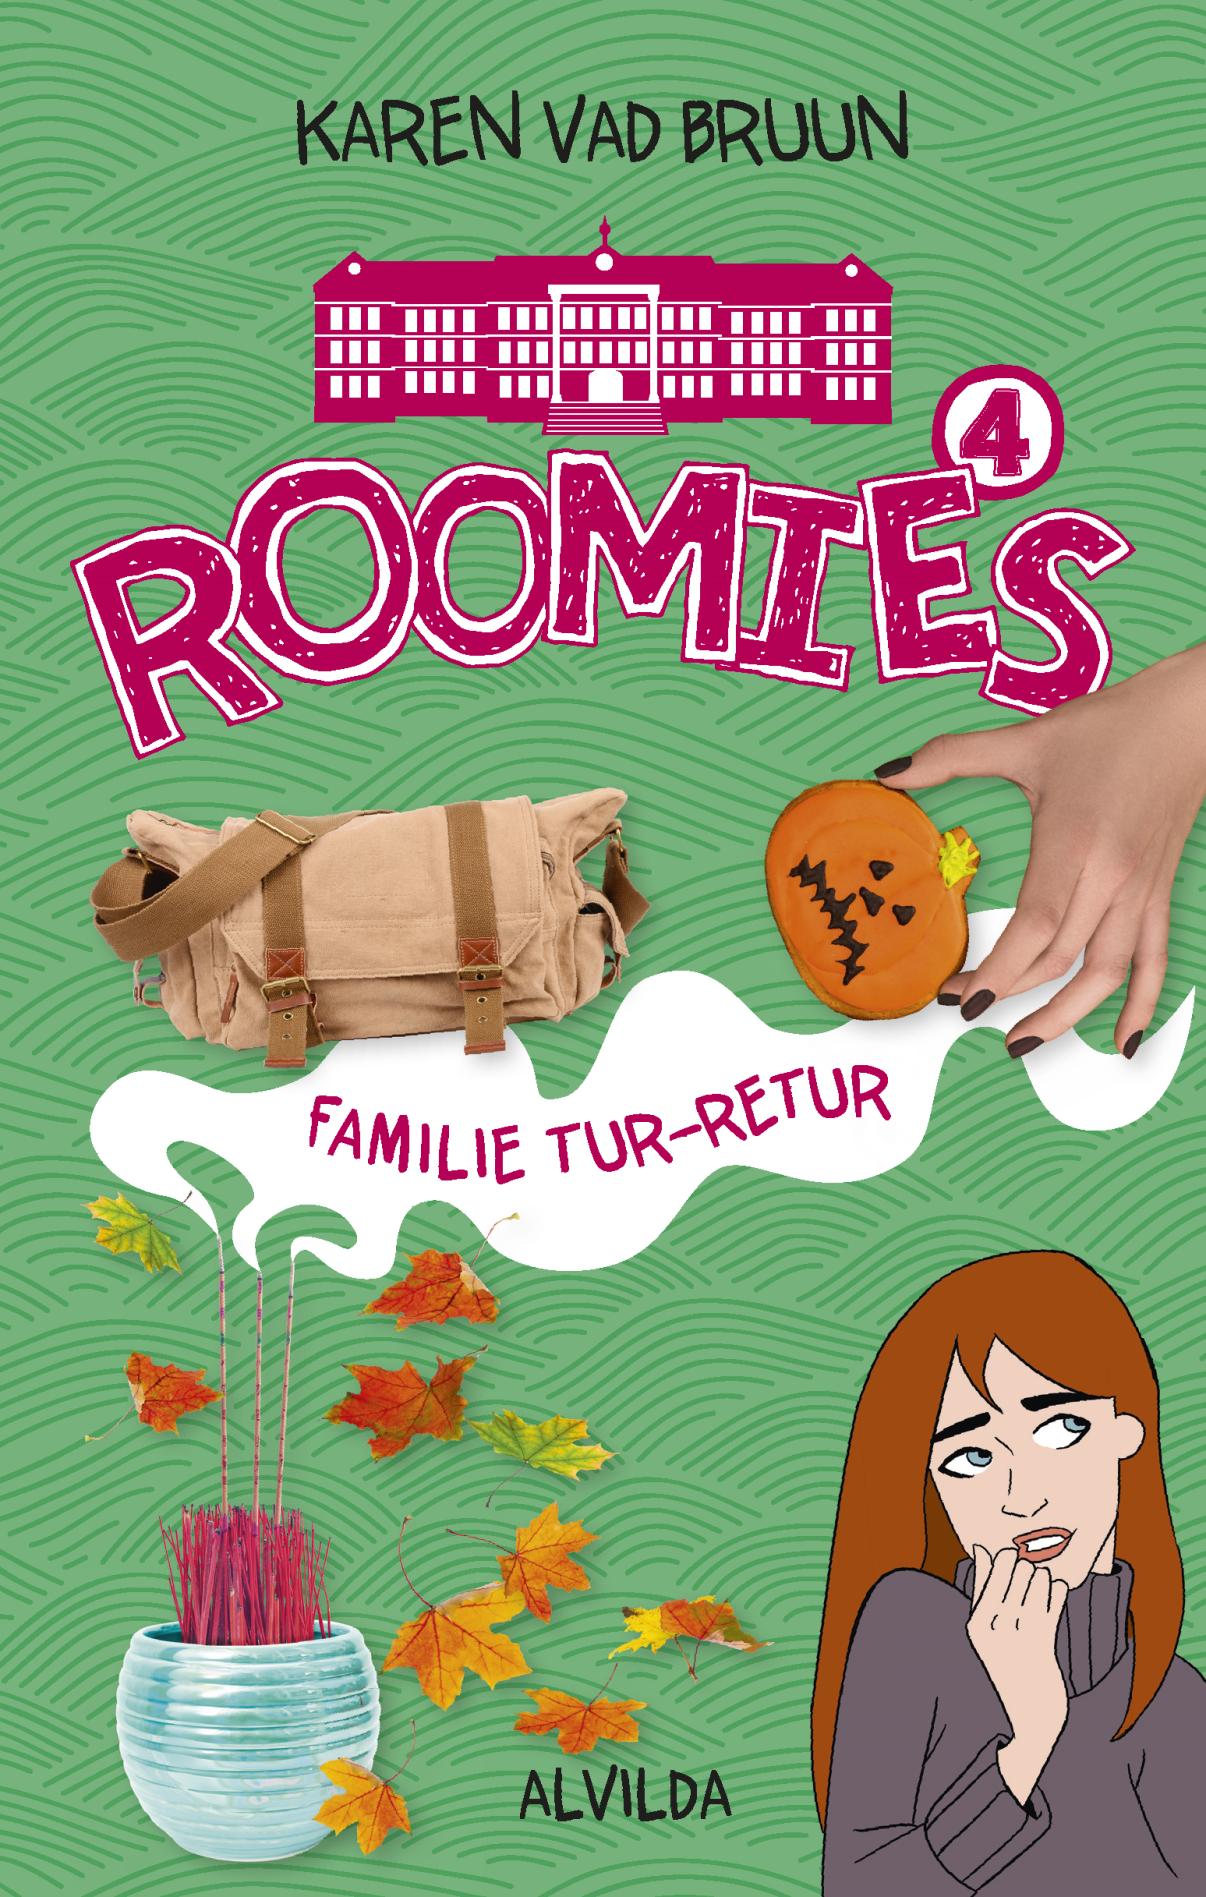 Roomies #4: Familie tur-retur - Maneno - 10898